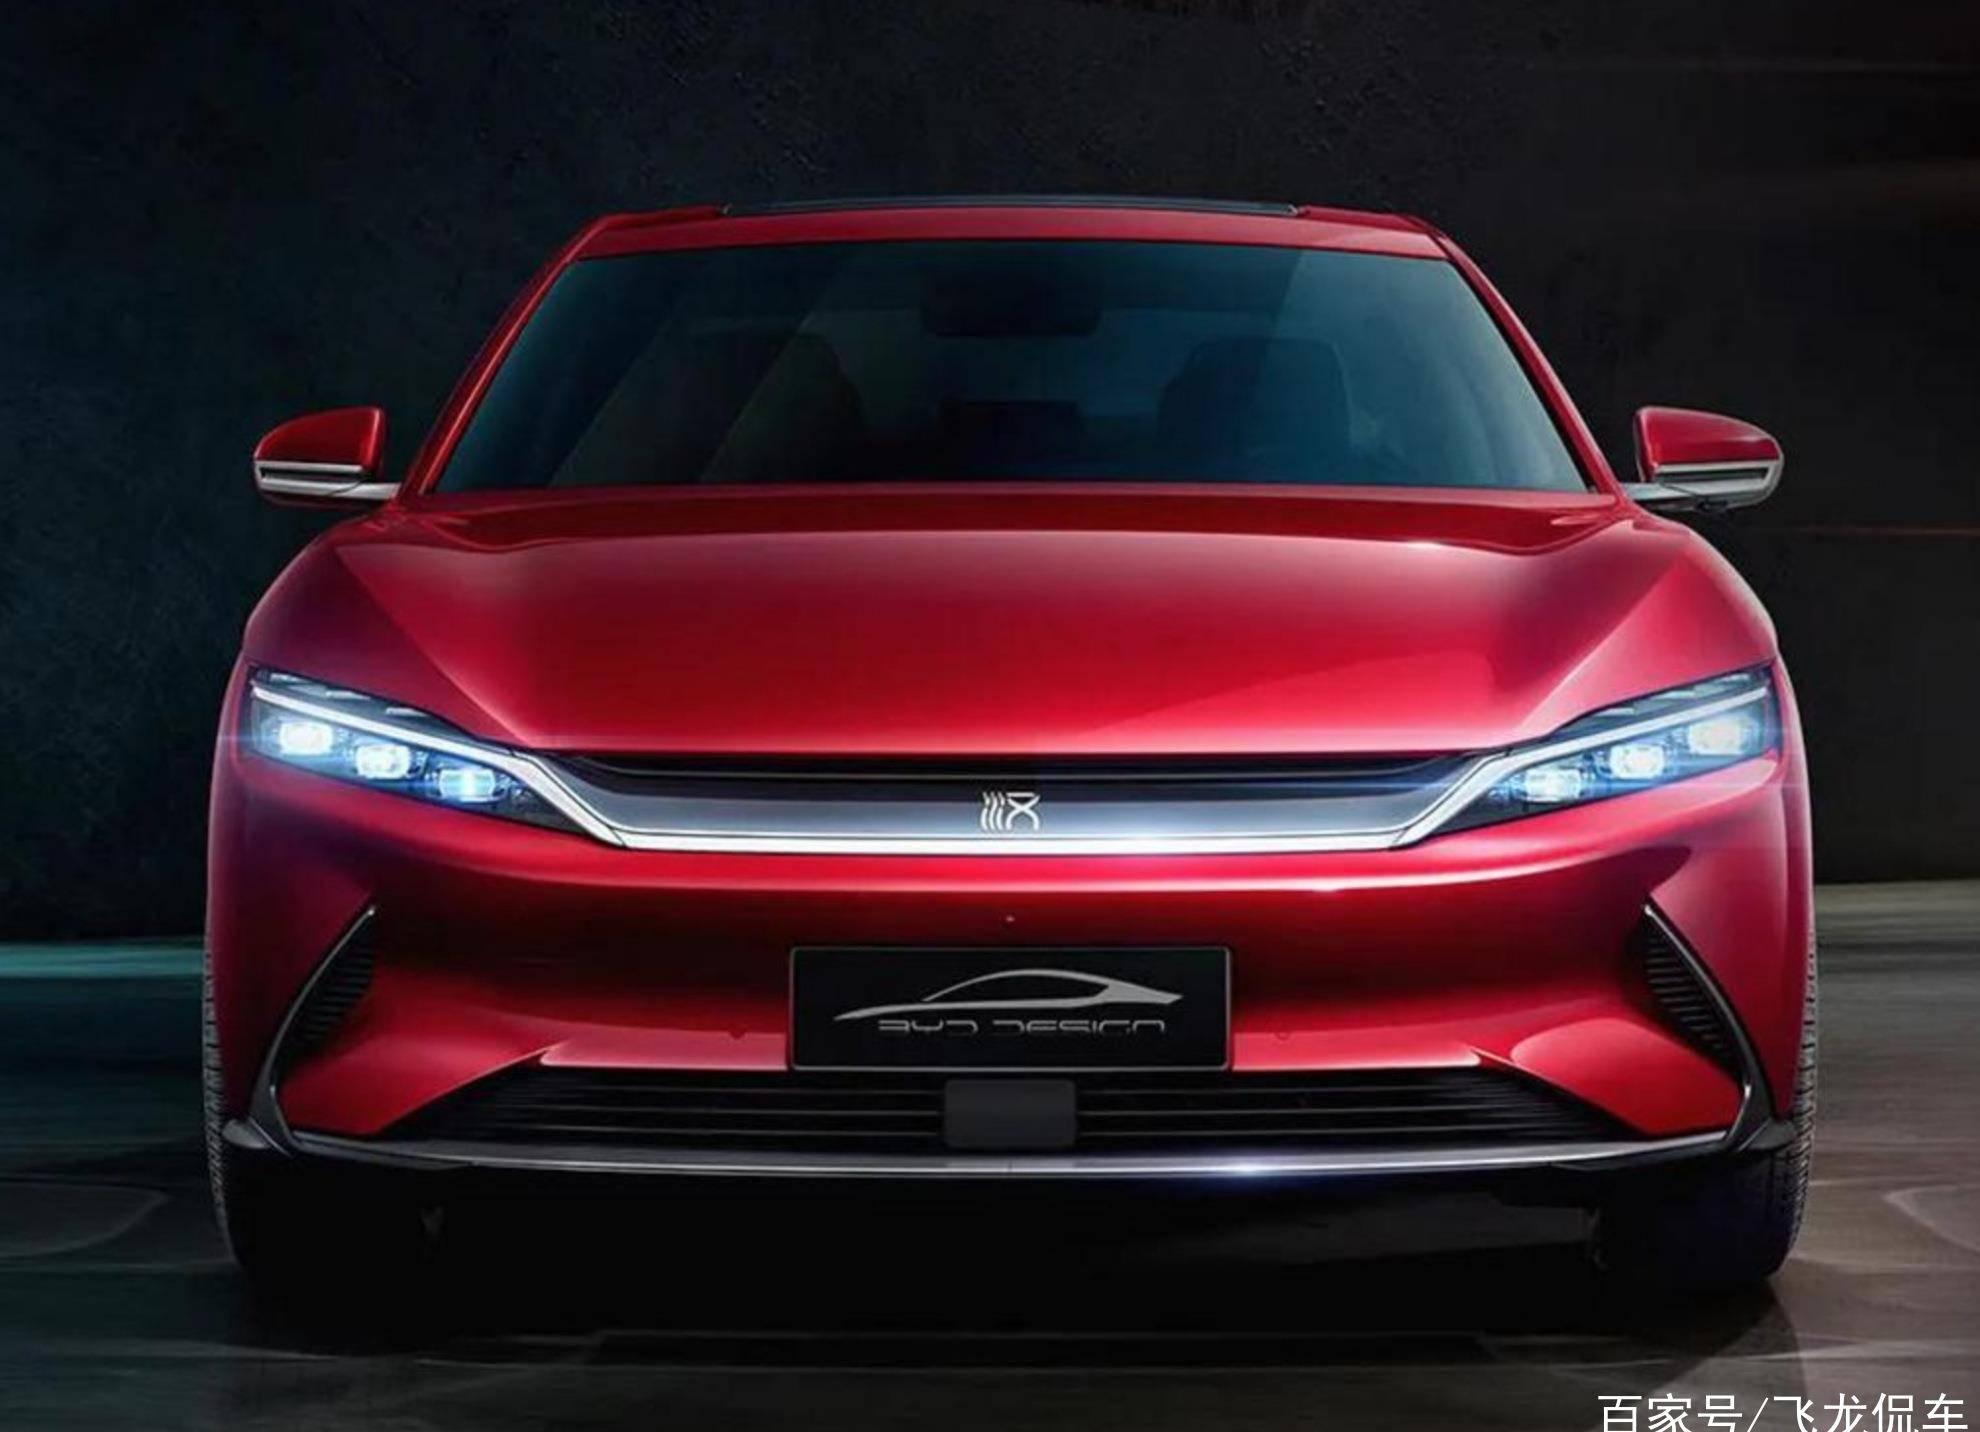 又一款原装国产coupe,外观风太大,车重2吨,每100公里提速3.9s,又要火了